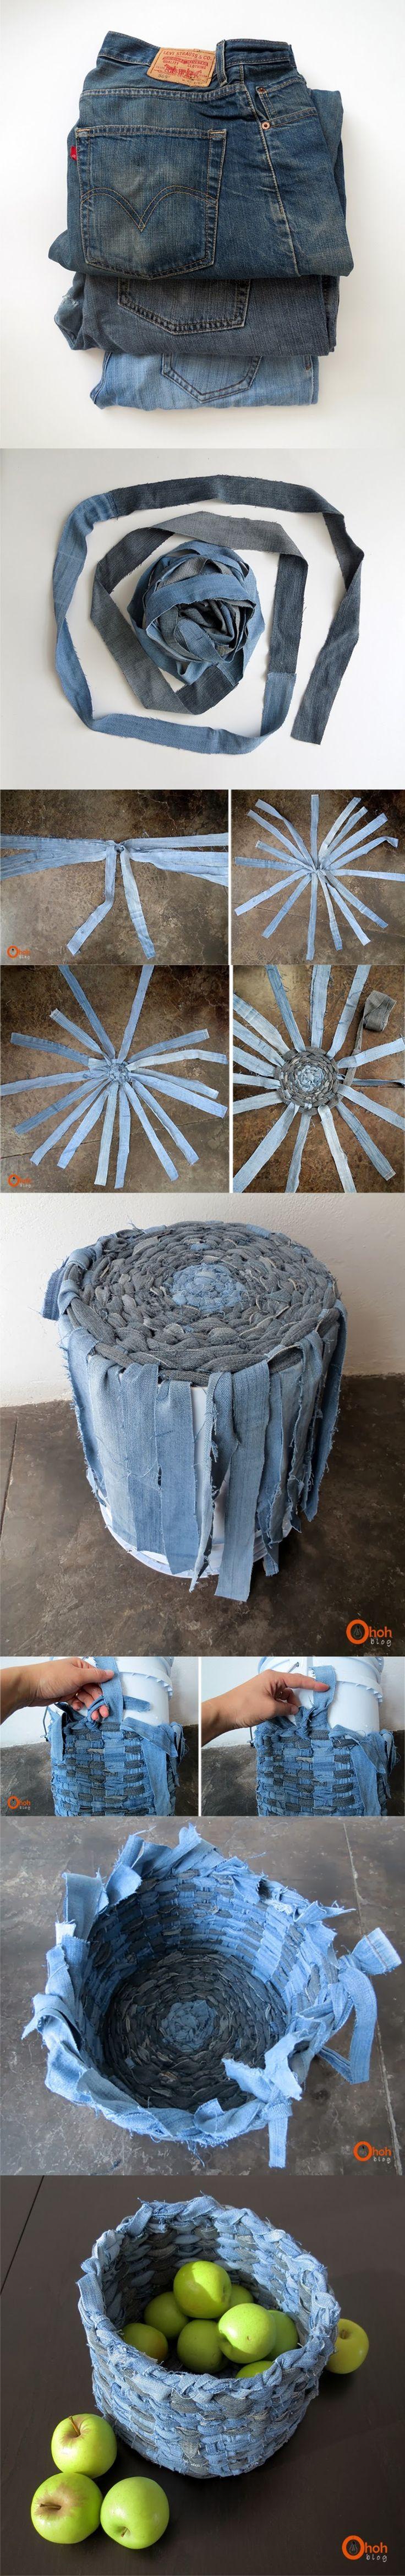 Cesta reciclando pantalones vaqueros / via Ohohblog